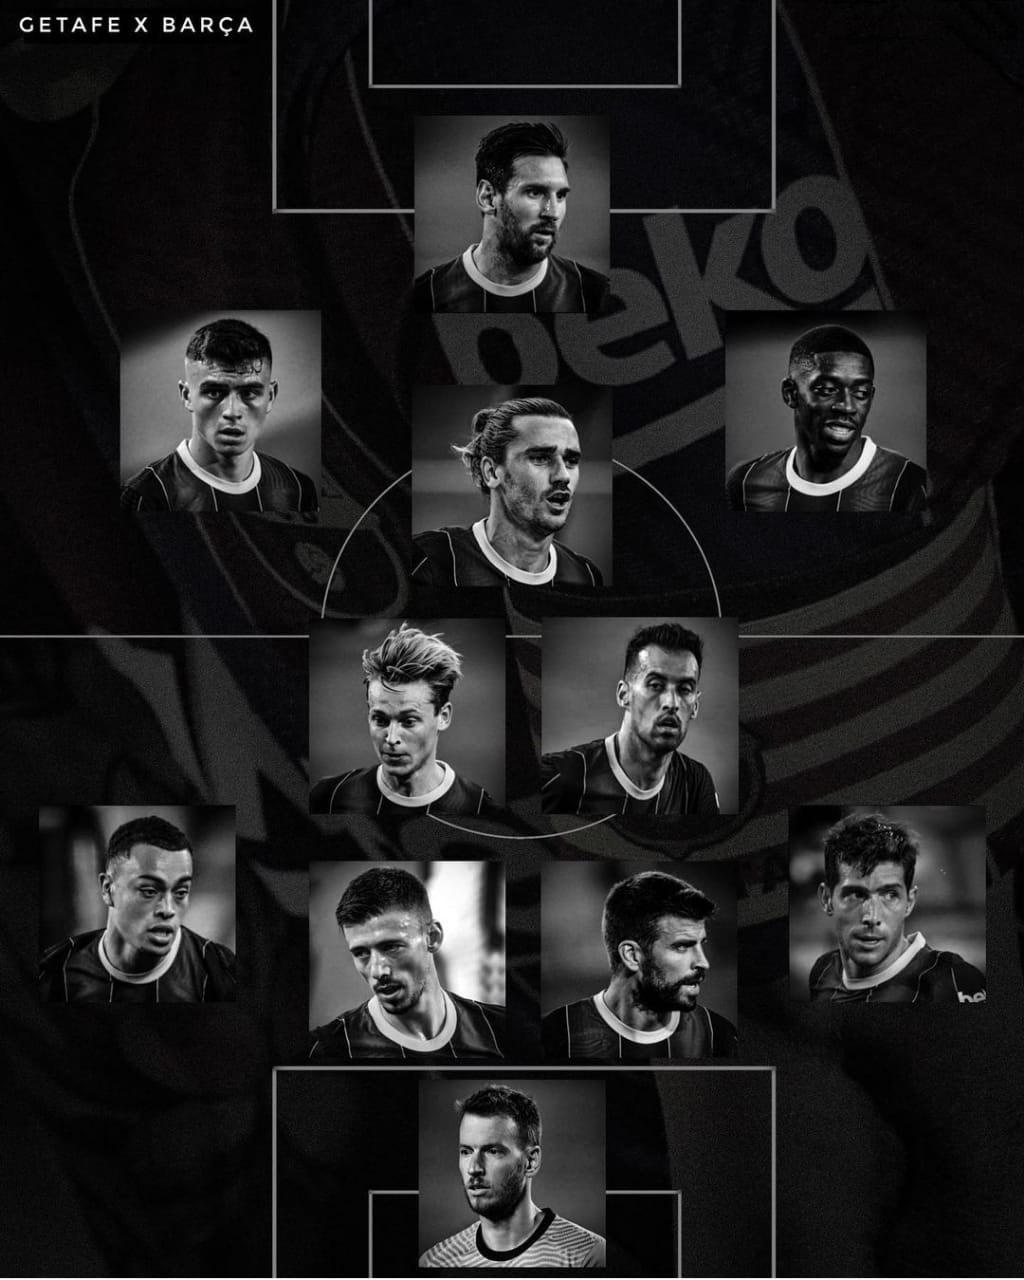 سیستم بازی بارسلونا با رونالد کومان